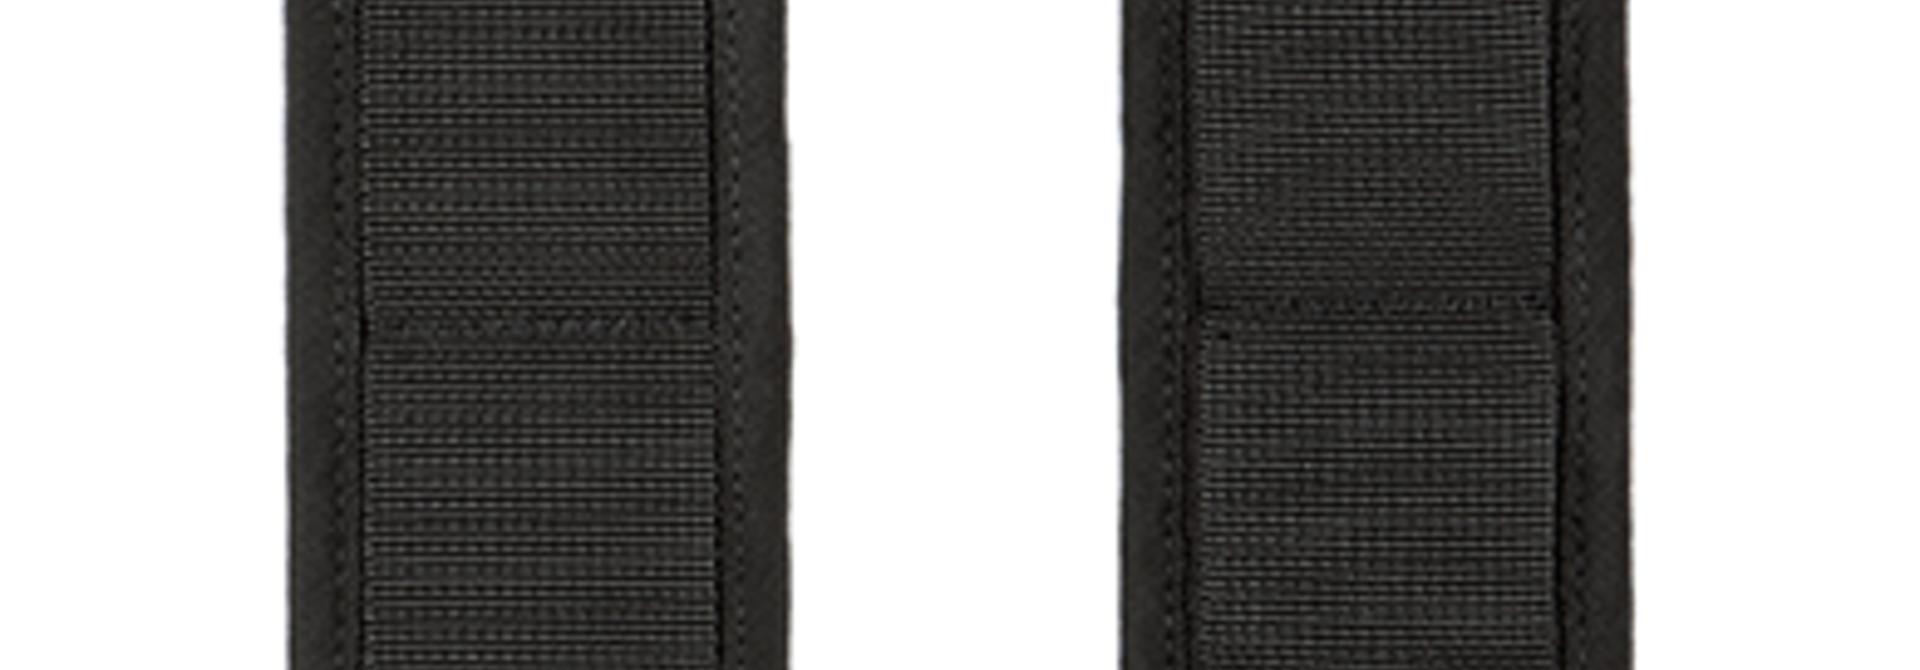 3D Mesh shoulder strap pads